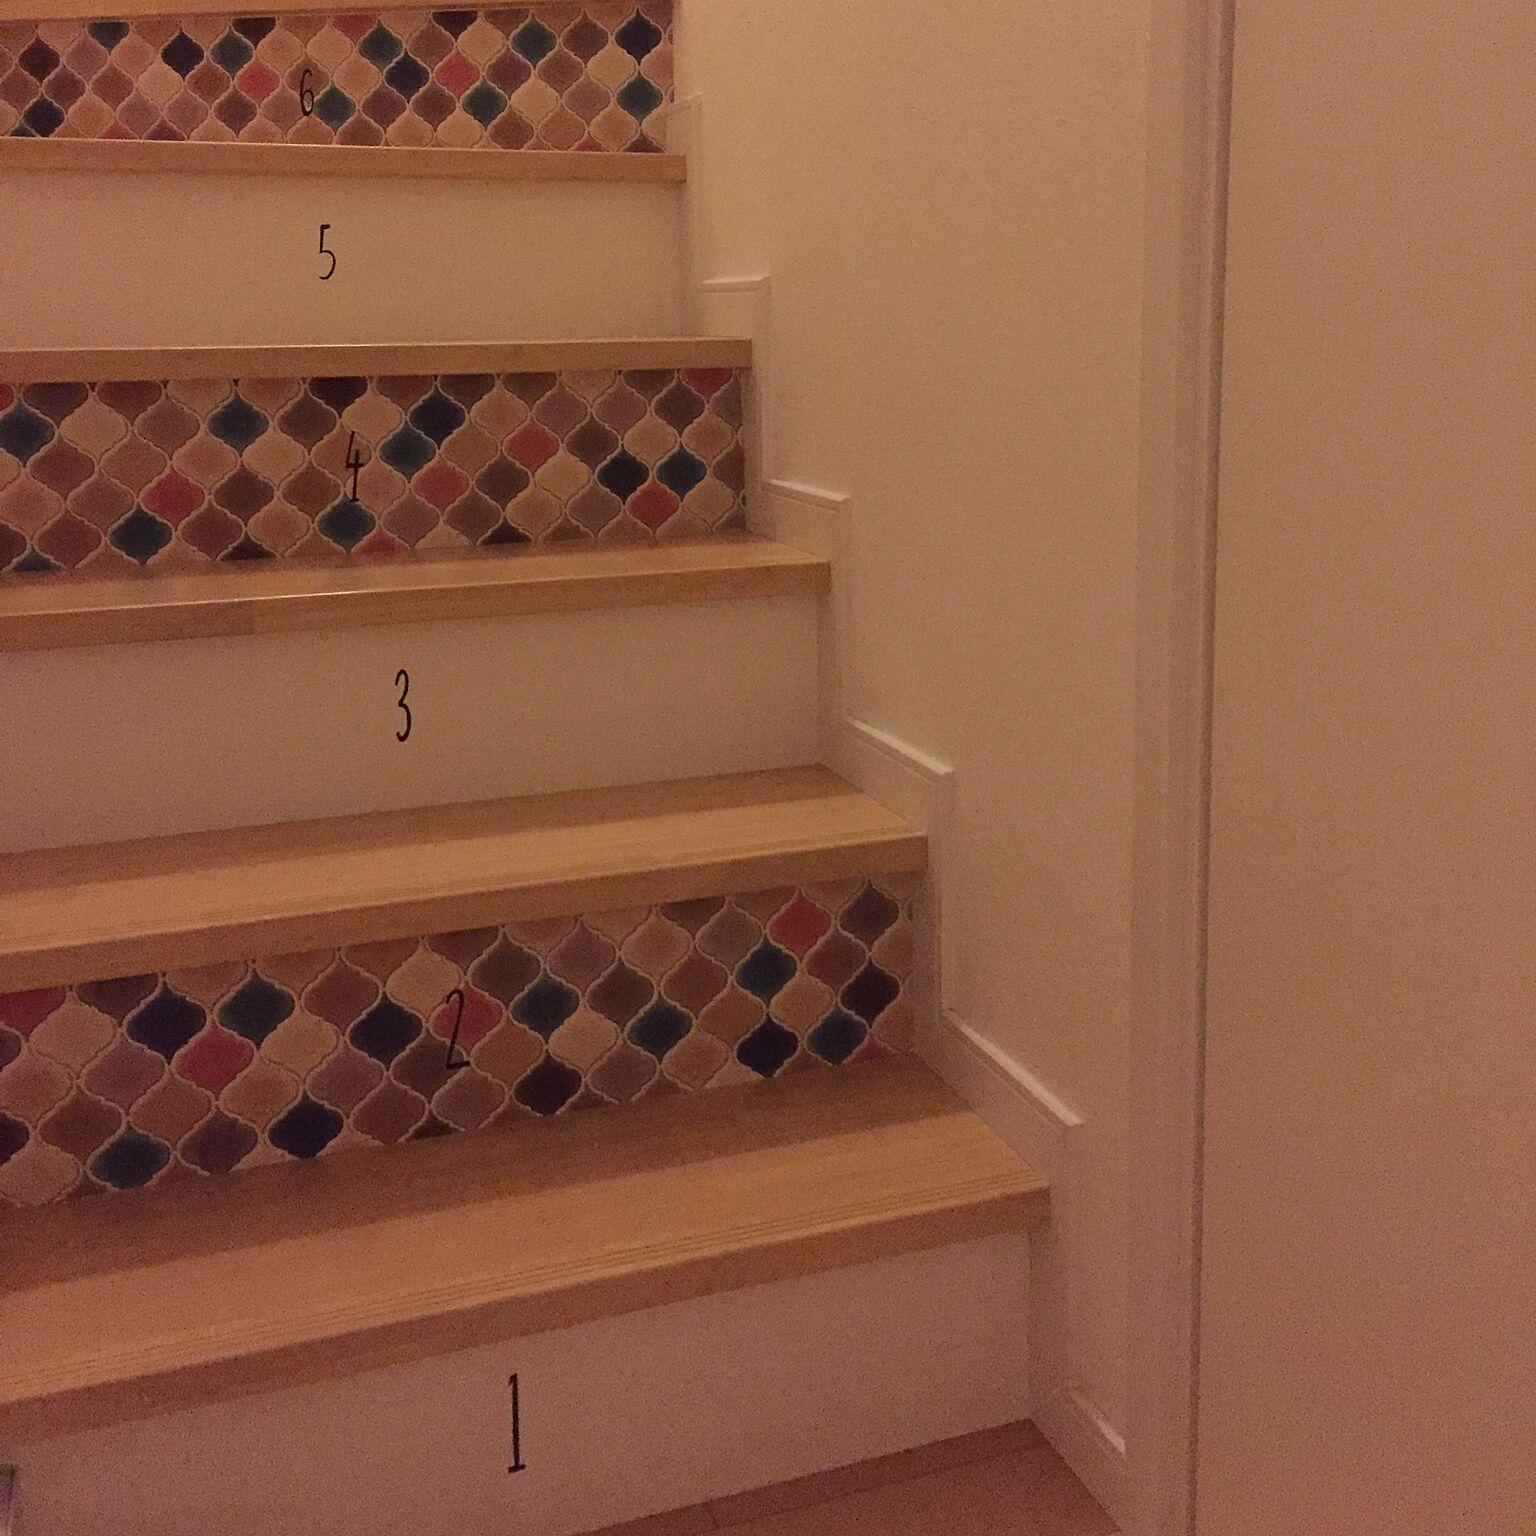 こちらは、コラベルタイル風の壁紙シートを使用しています。すべての階段に貼らずに余白を残したことにより、柄の良さがより引き立っていますね。